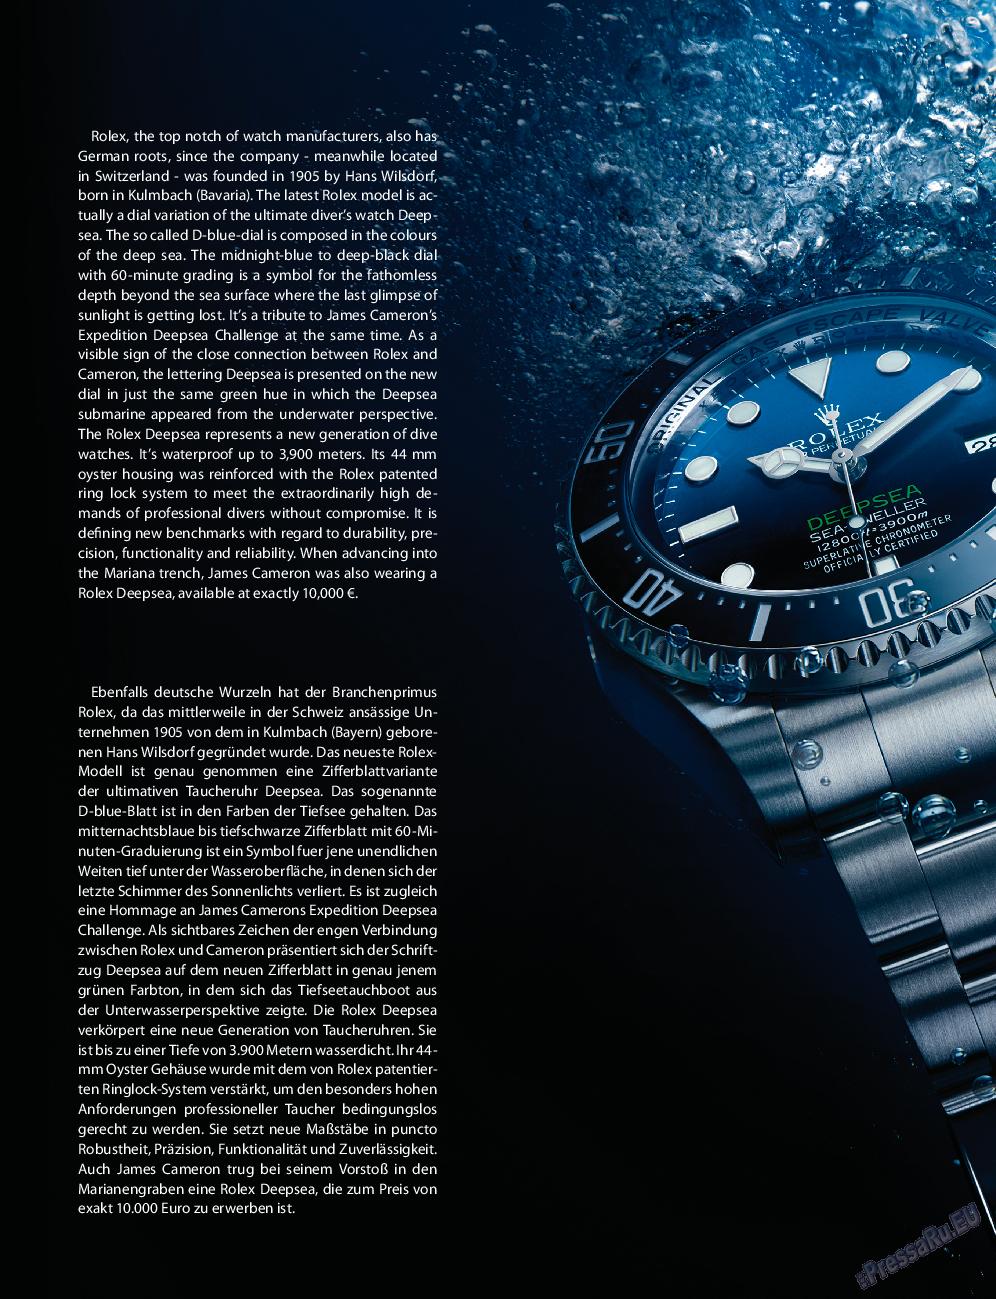 Клан (журнал). 2014 год, номер 7, стр. 150